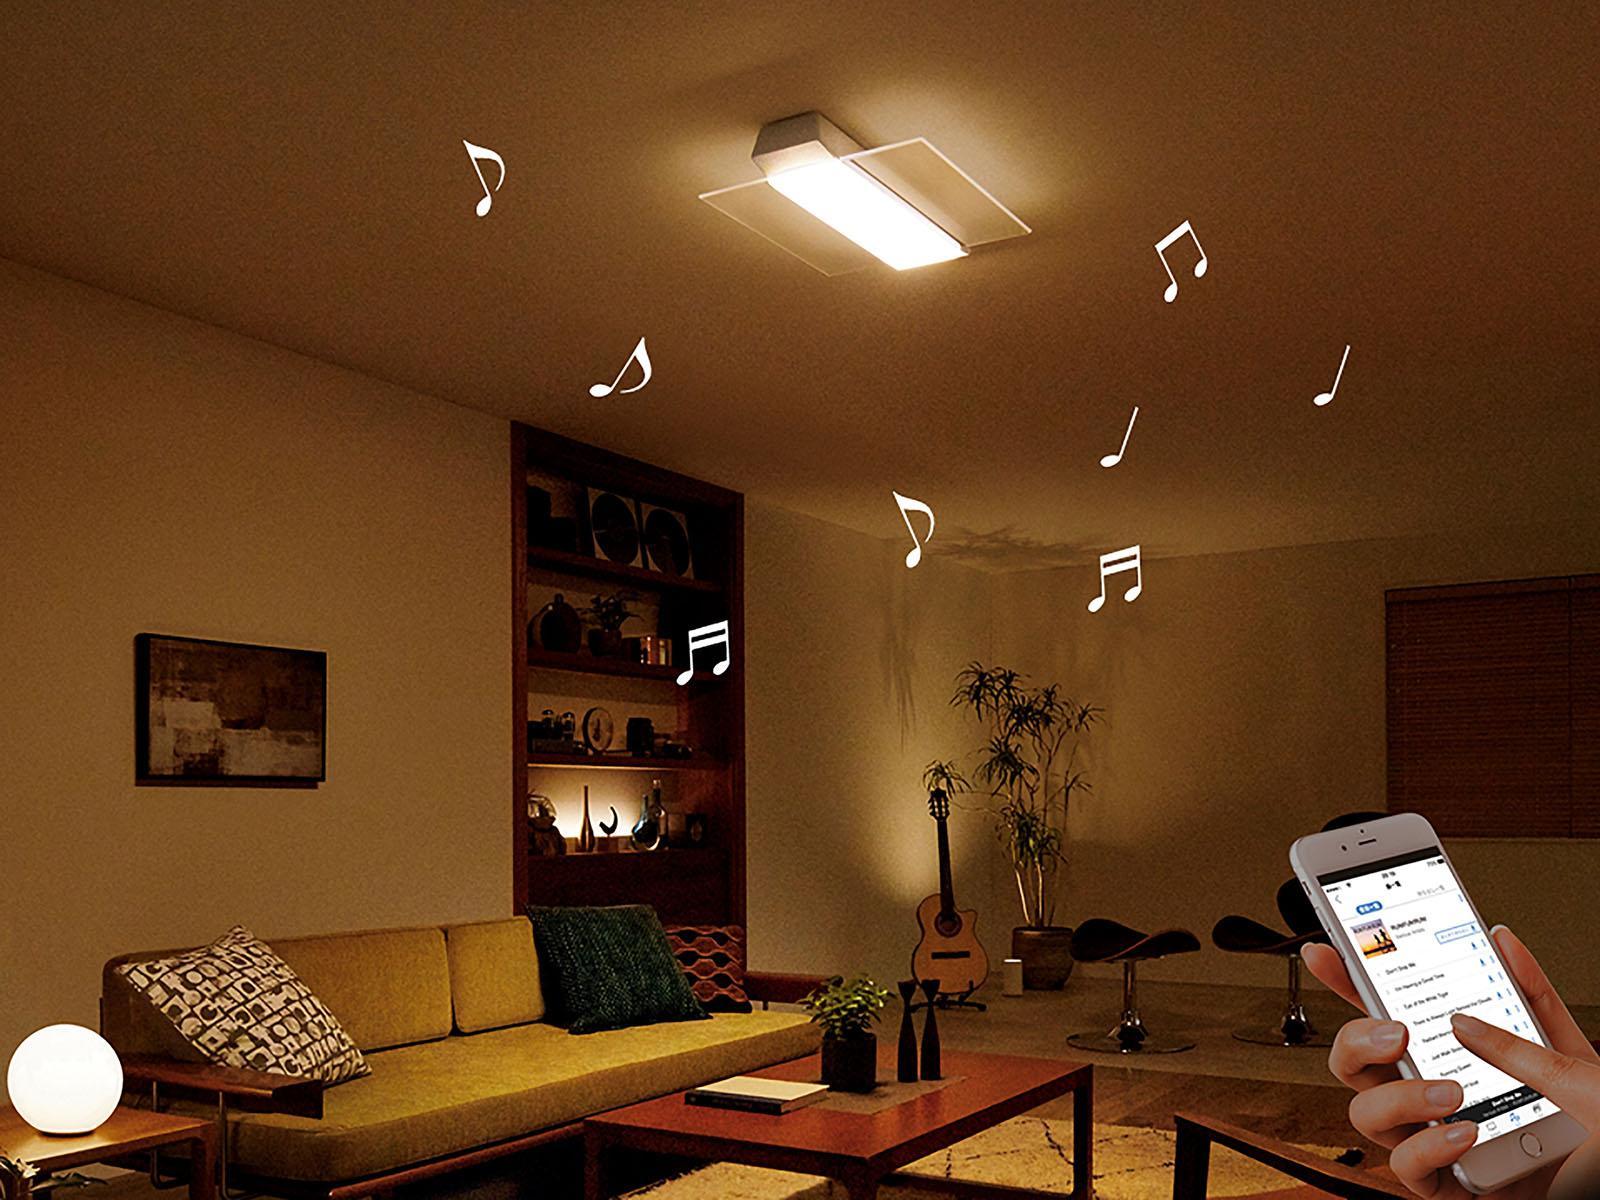 スピーカー搭載タイプ「AIR PANEL LED THE SOUND」(HH-XCC1288Aほか)